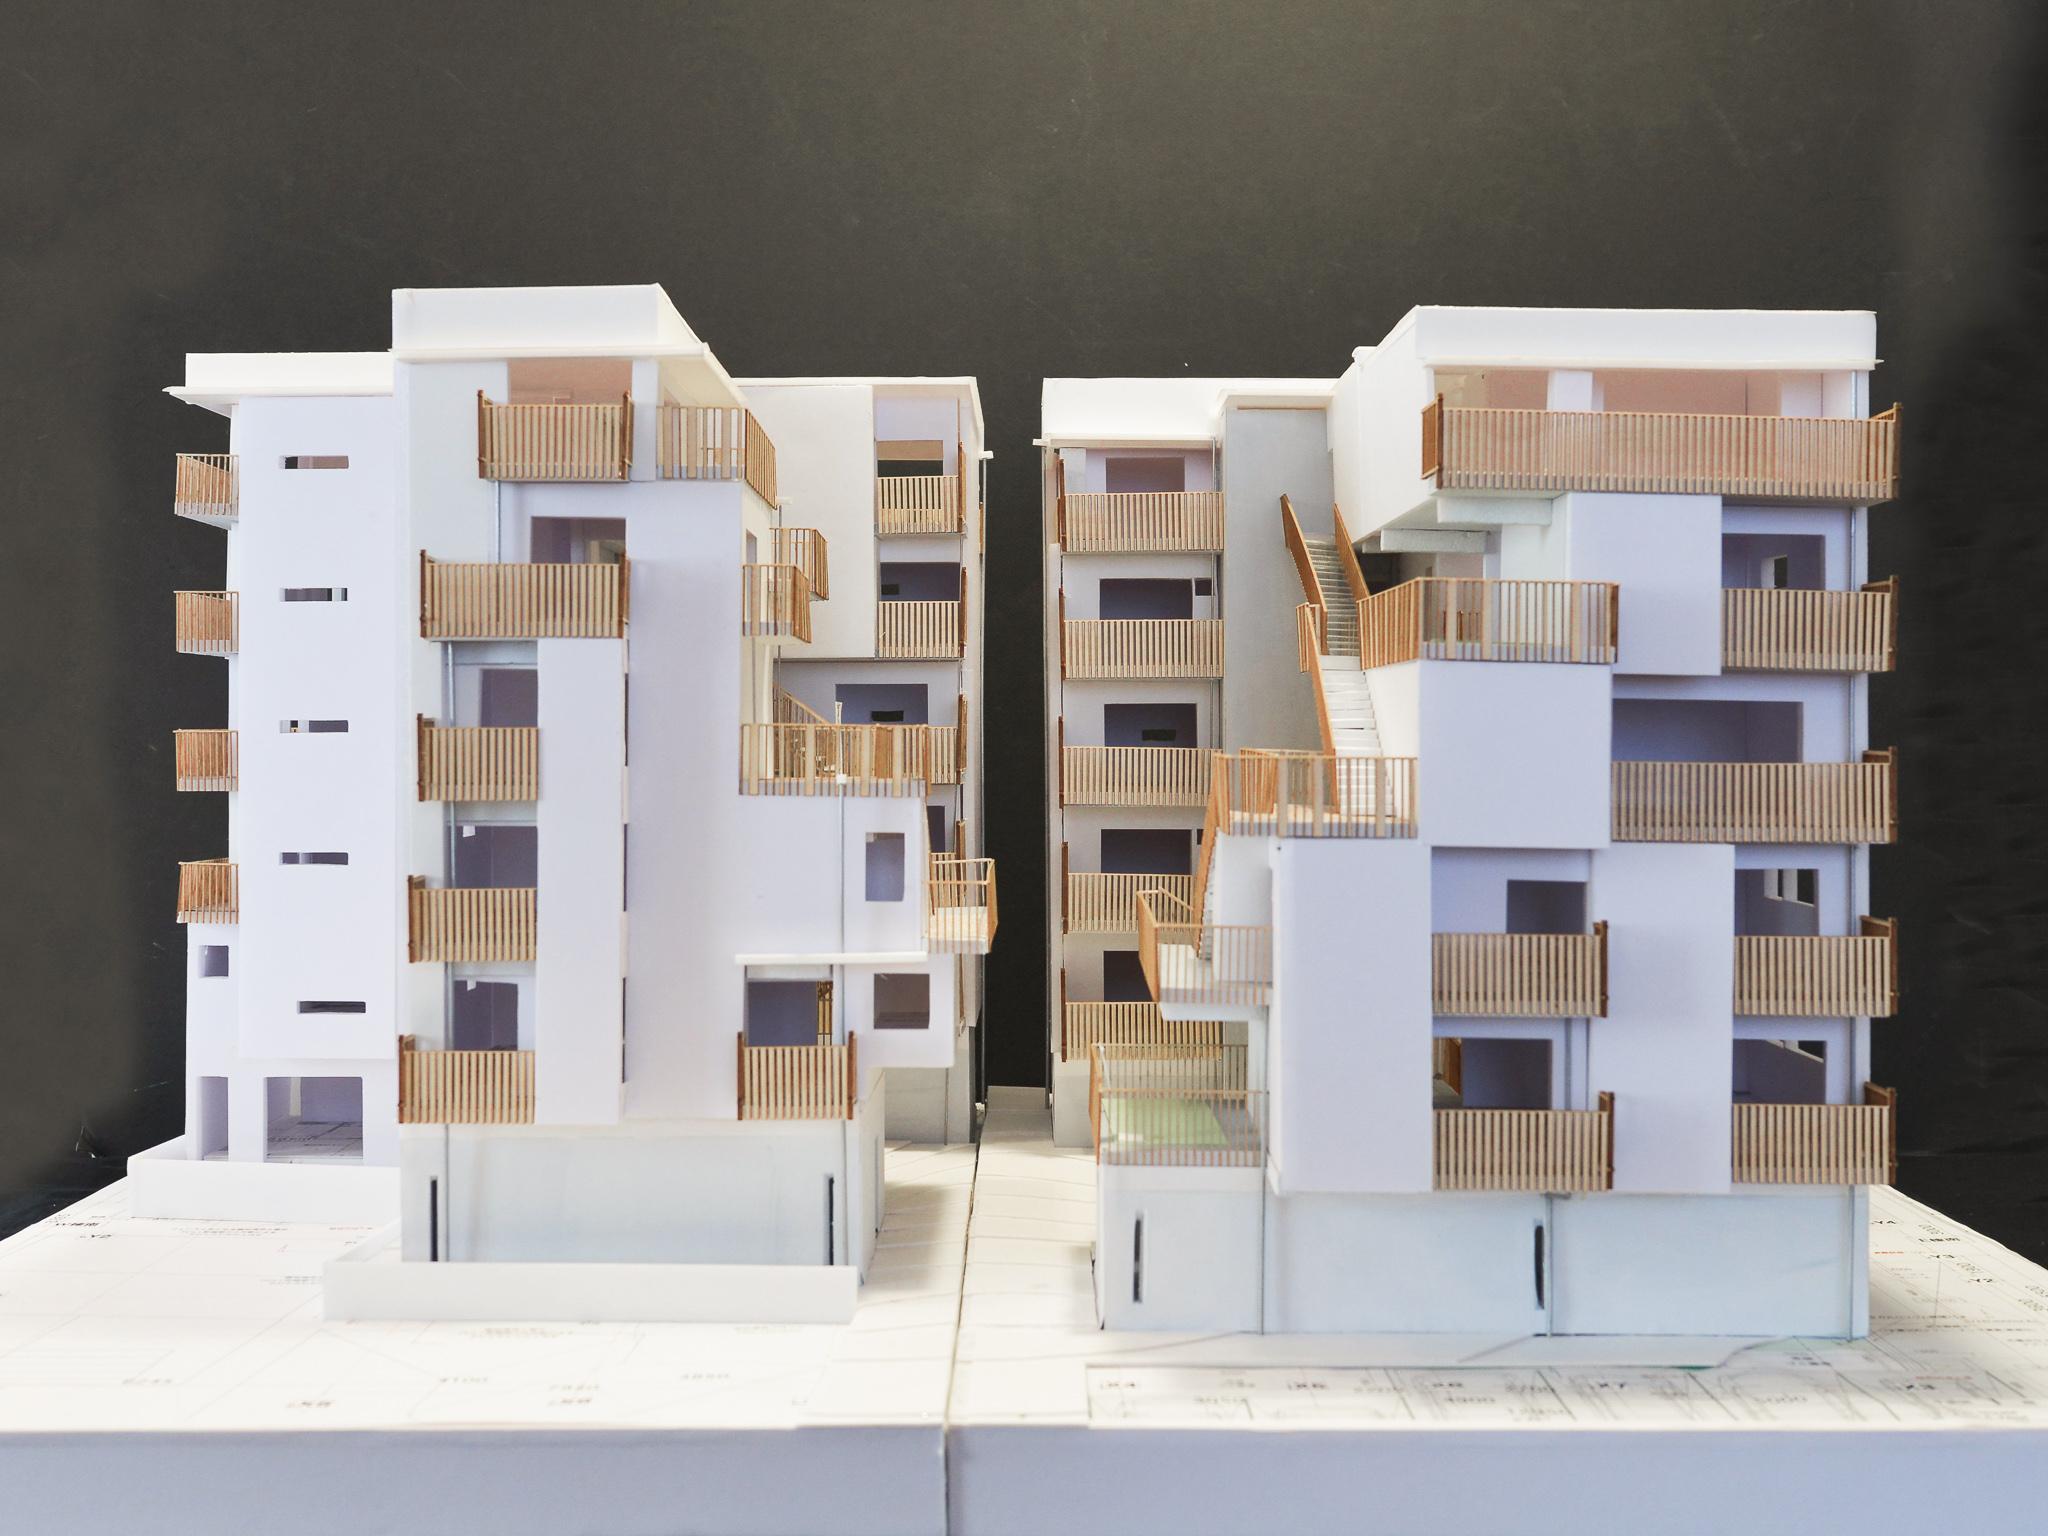 建築模型のパーツもレーザーカッターで